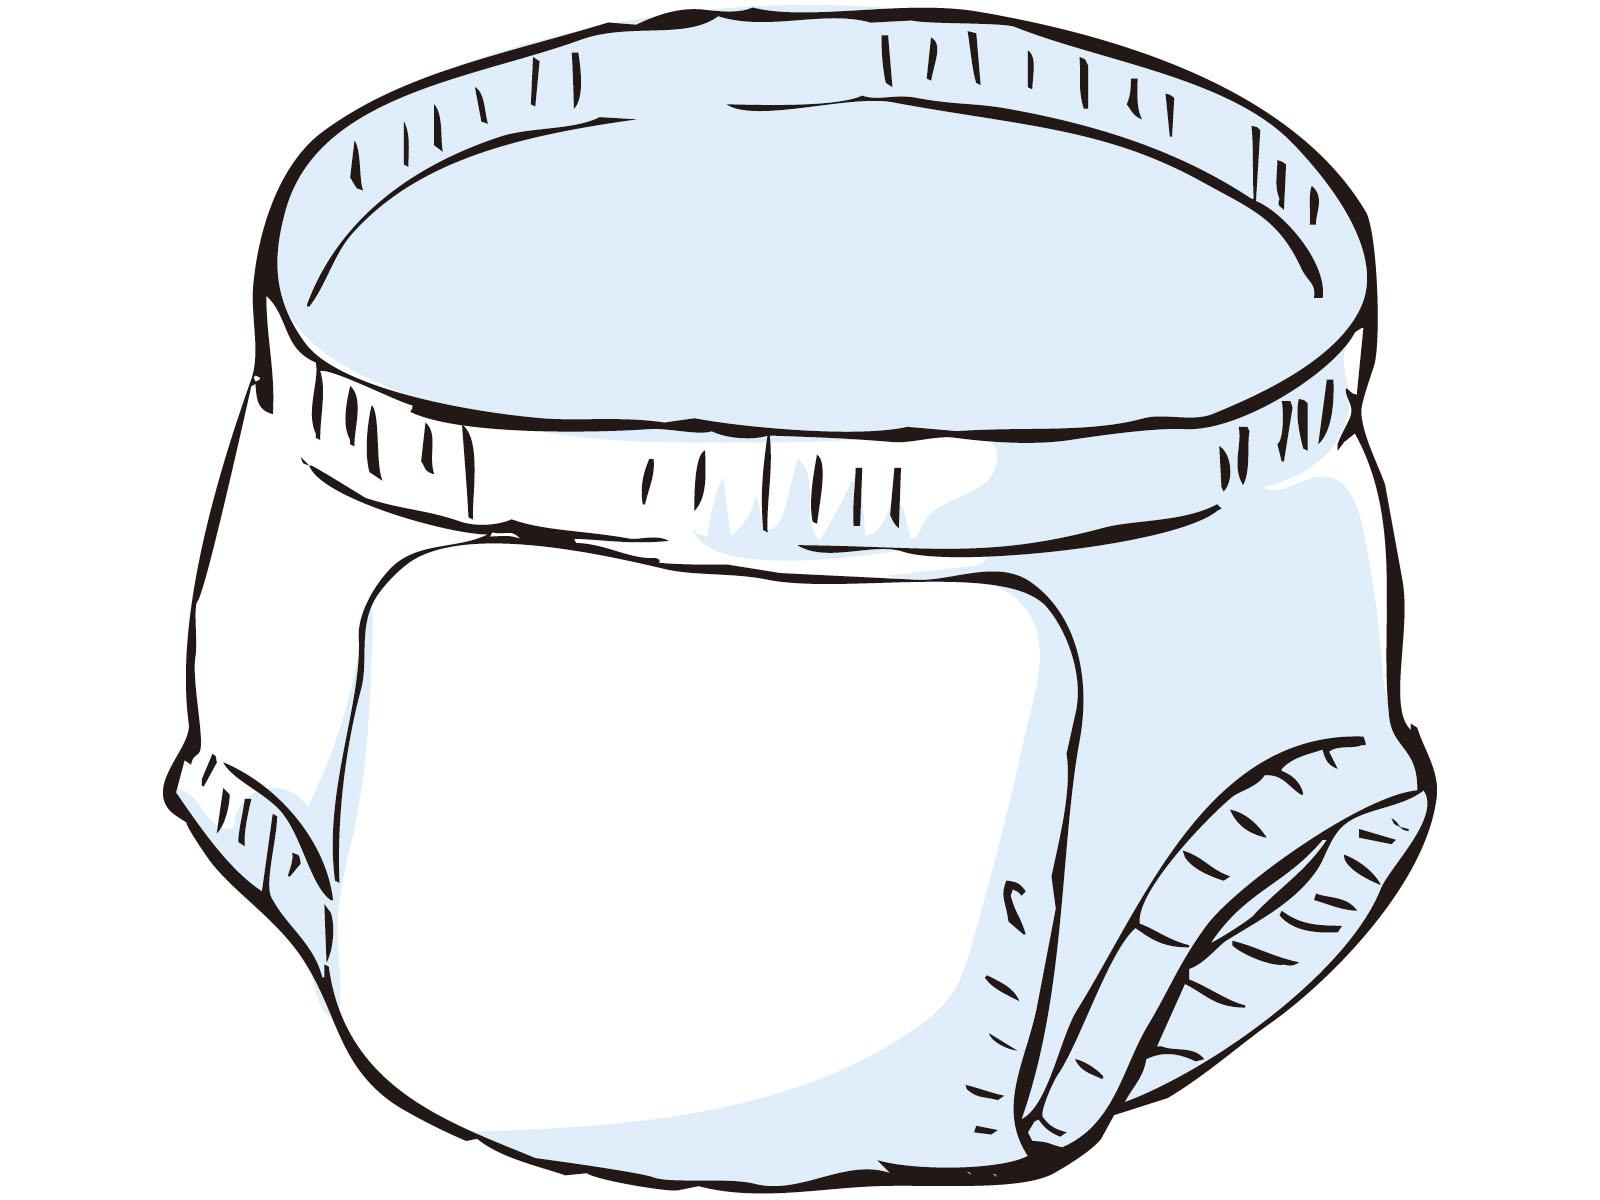 [認知症介護]どの時点でオムツ使用を検討すべきか